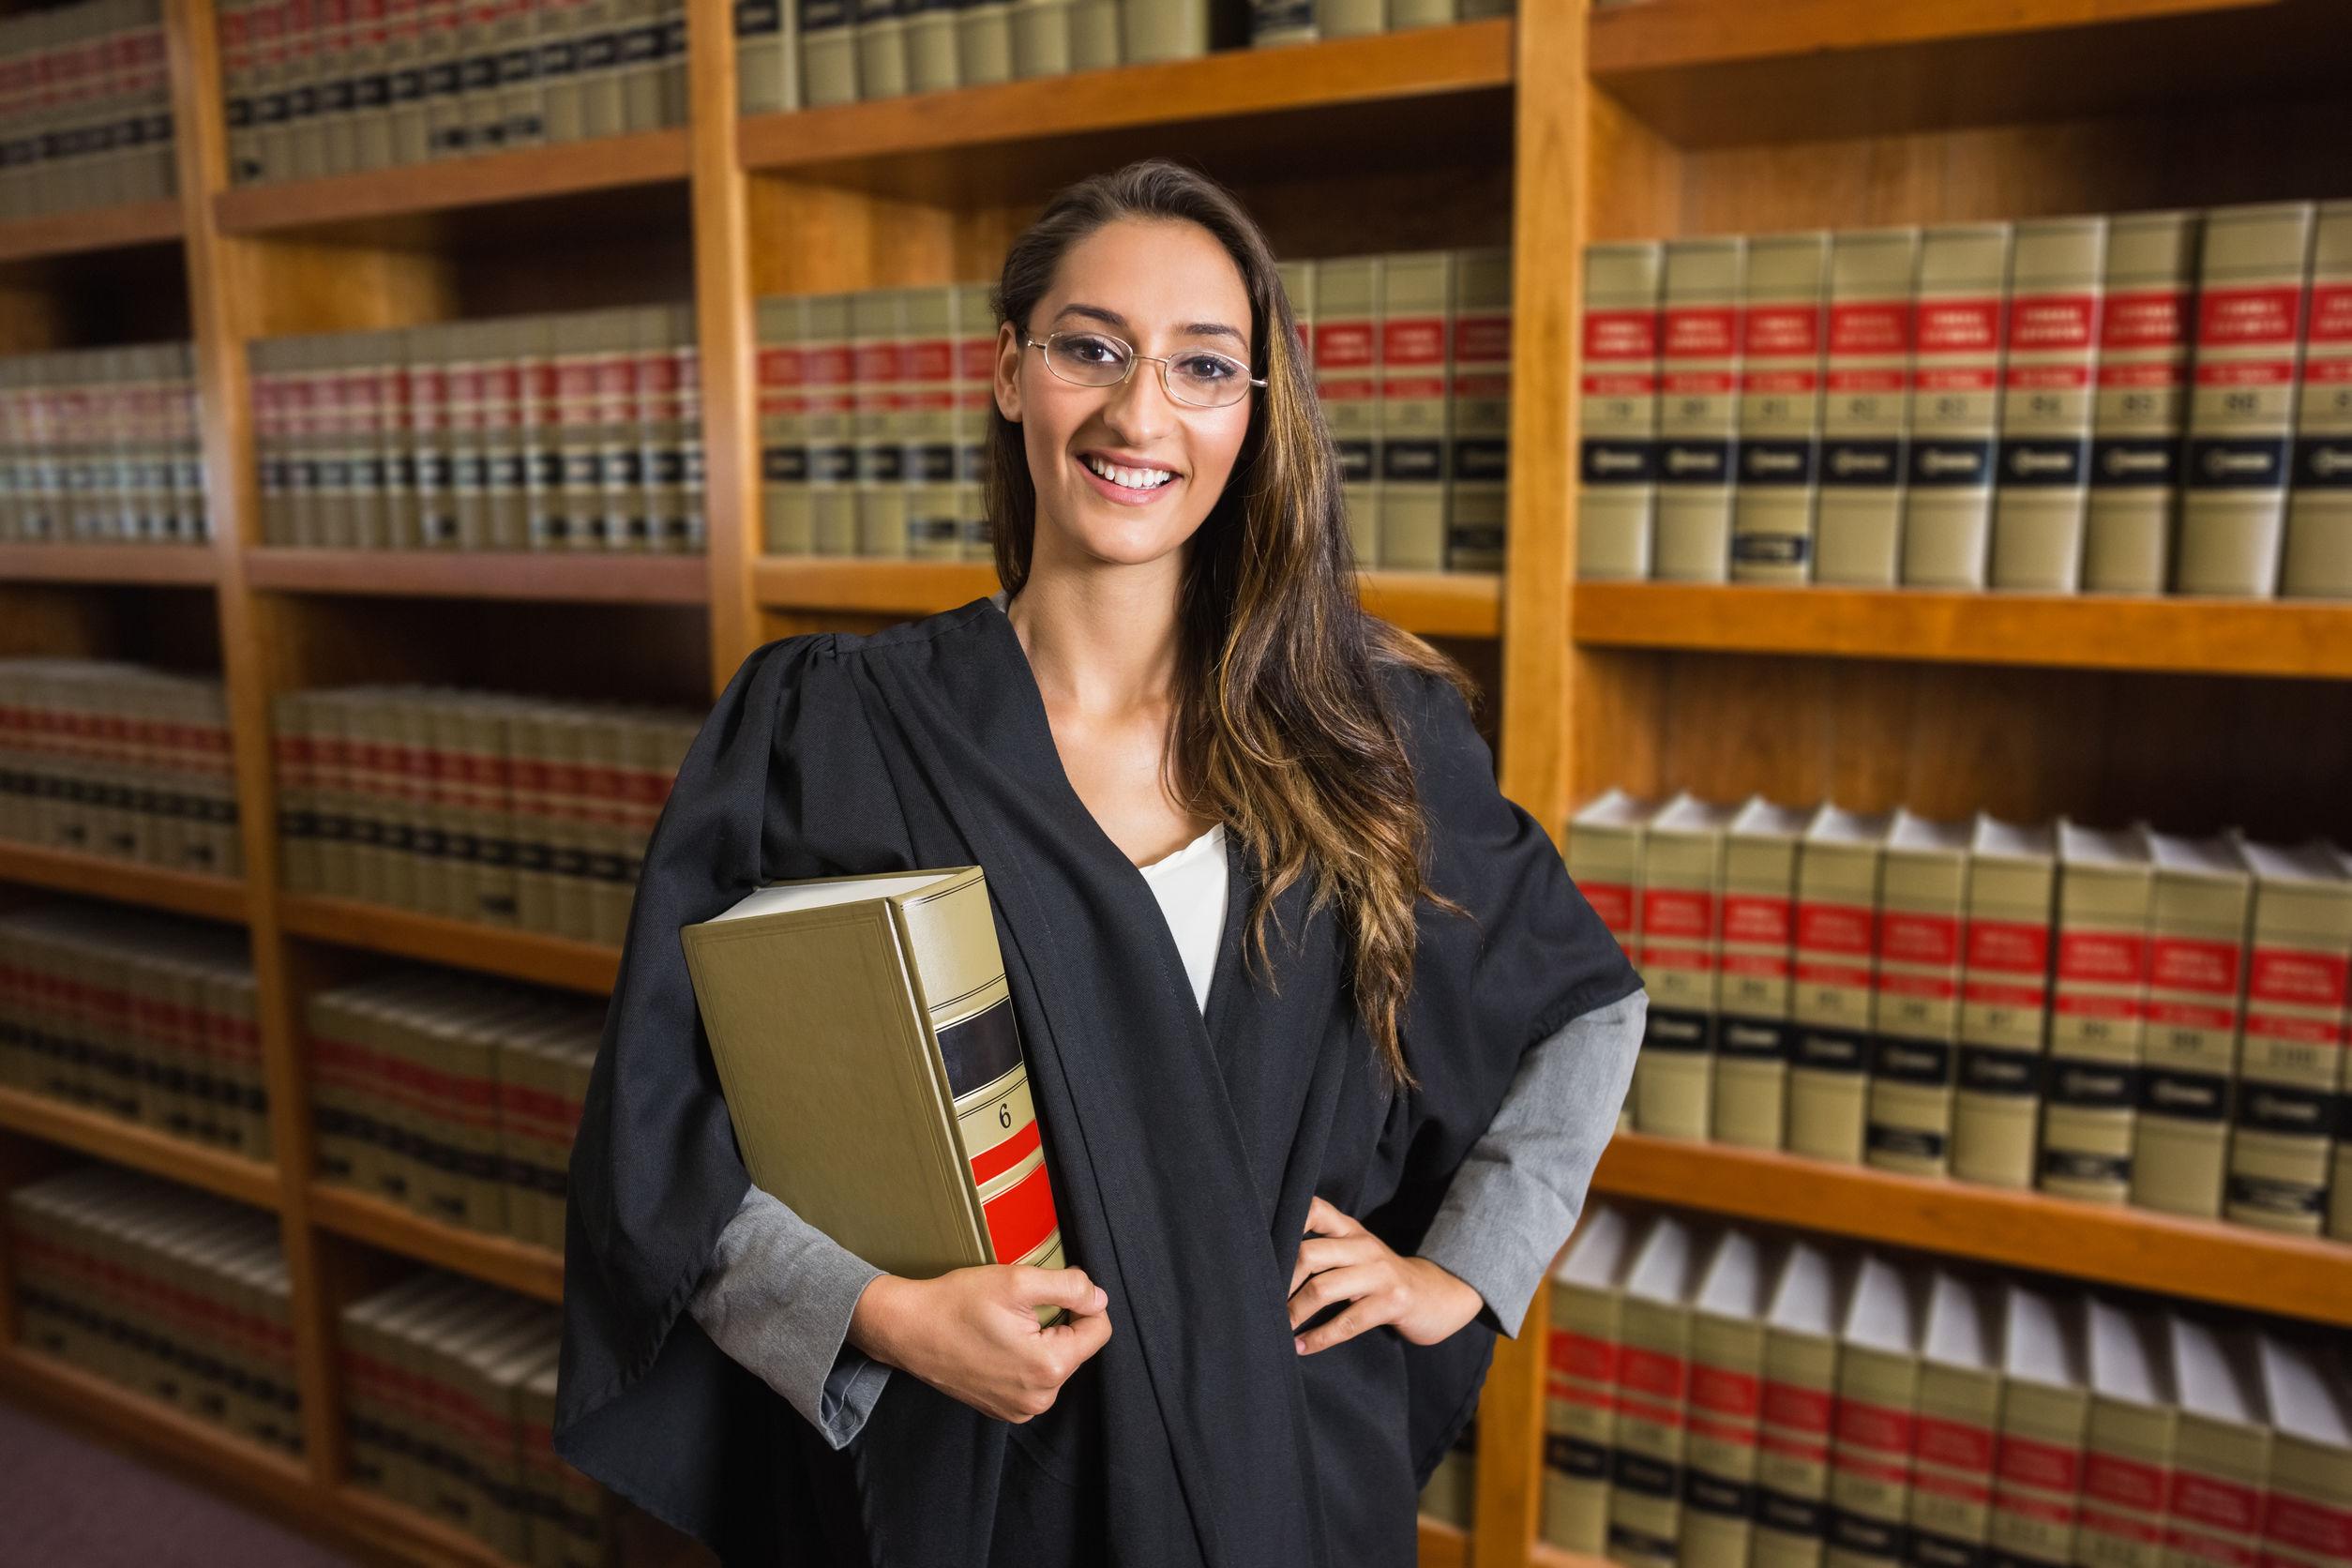 Oportunidades de la Carrera de Derecho ¿Dónde trabajar? ¡Lo que debes saber!